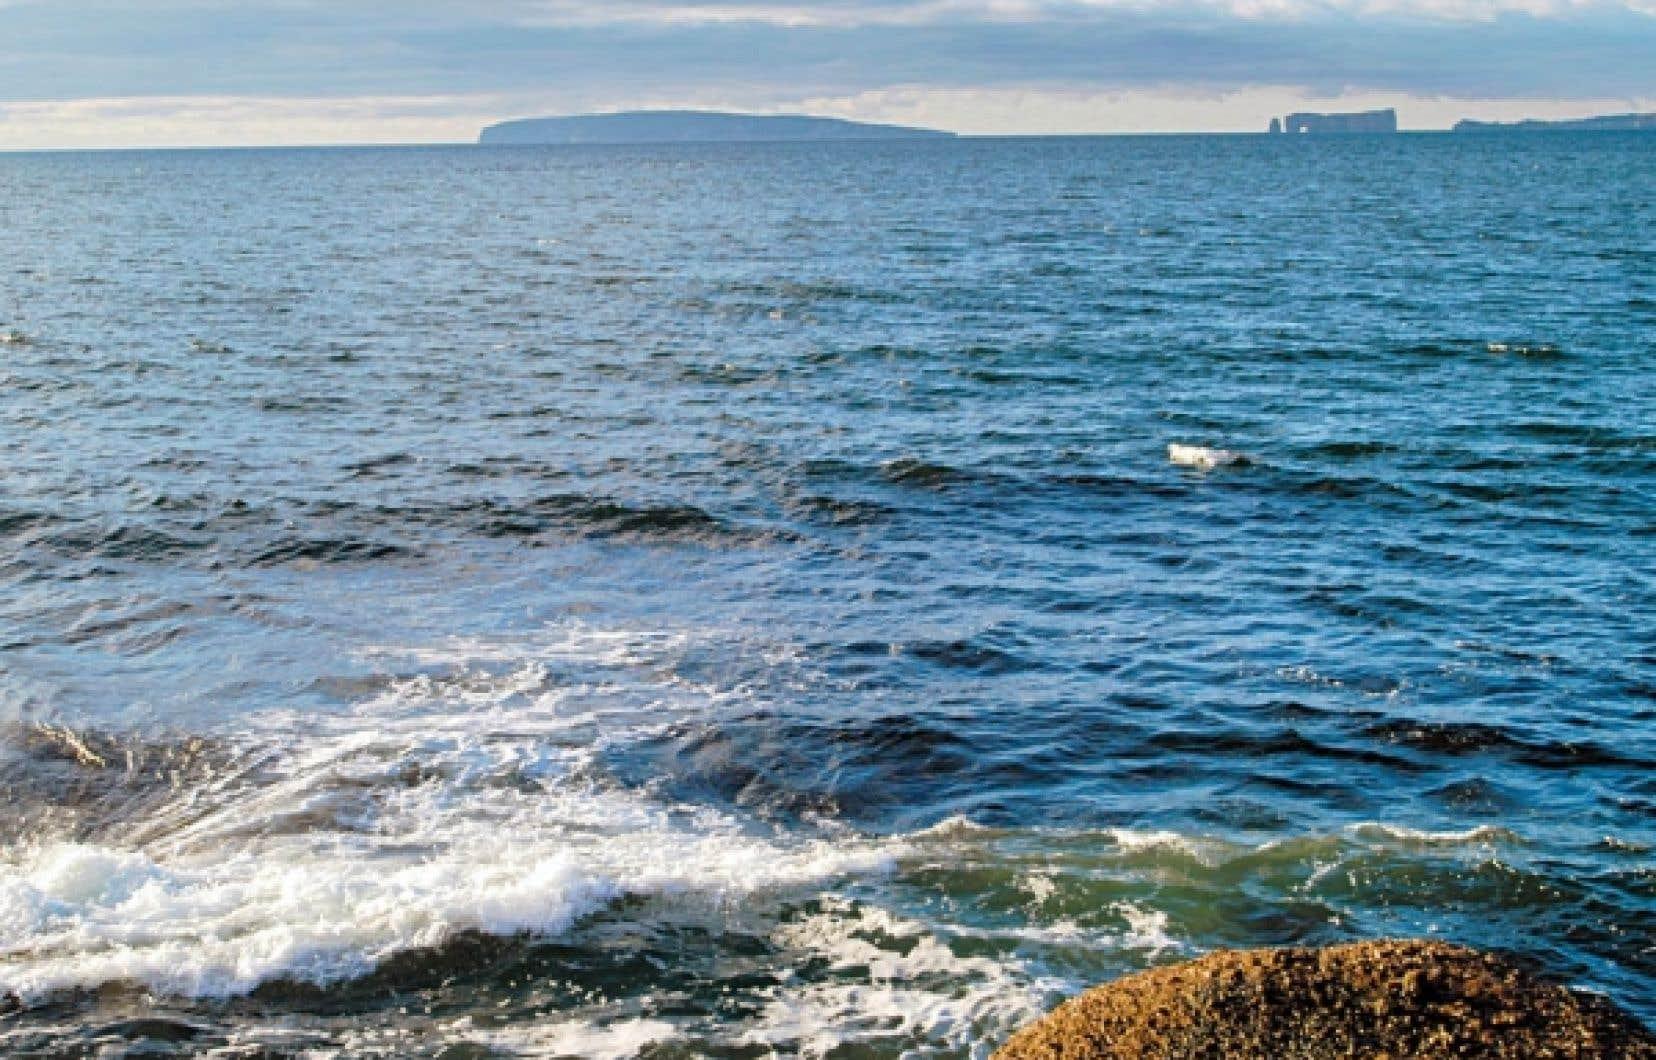 La Gaspésie fait partie du vaste territoire marin où des projets pétroliers ou gaziers pourraient être entrepris.<br />